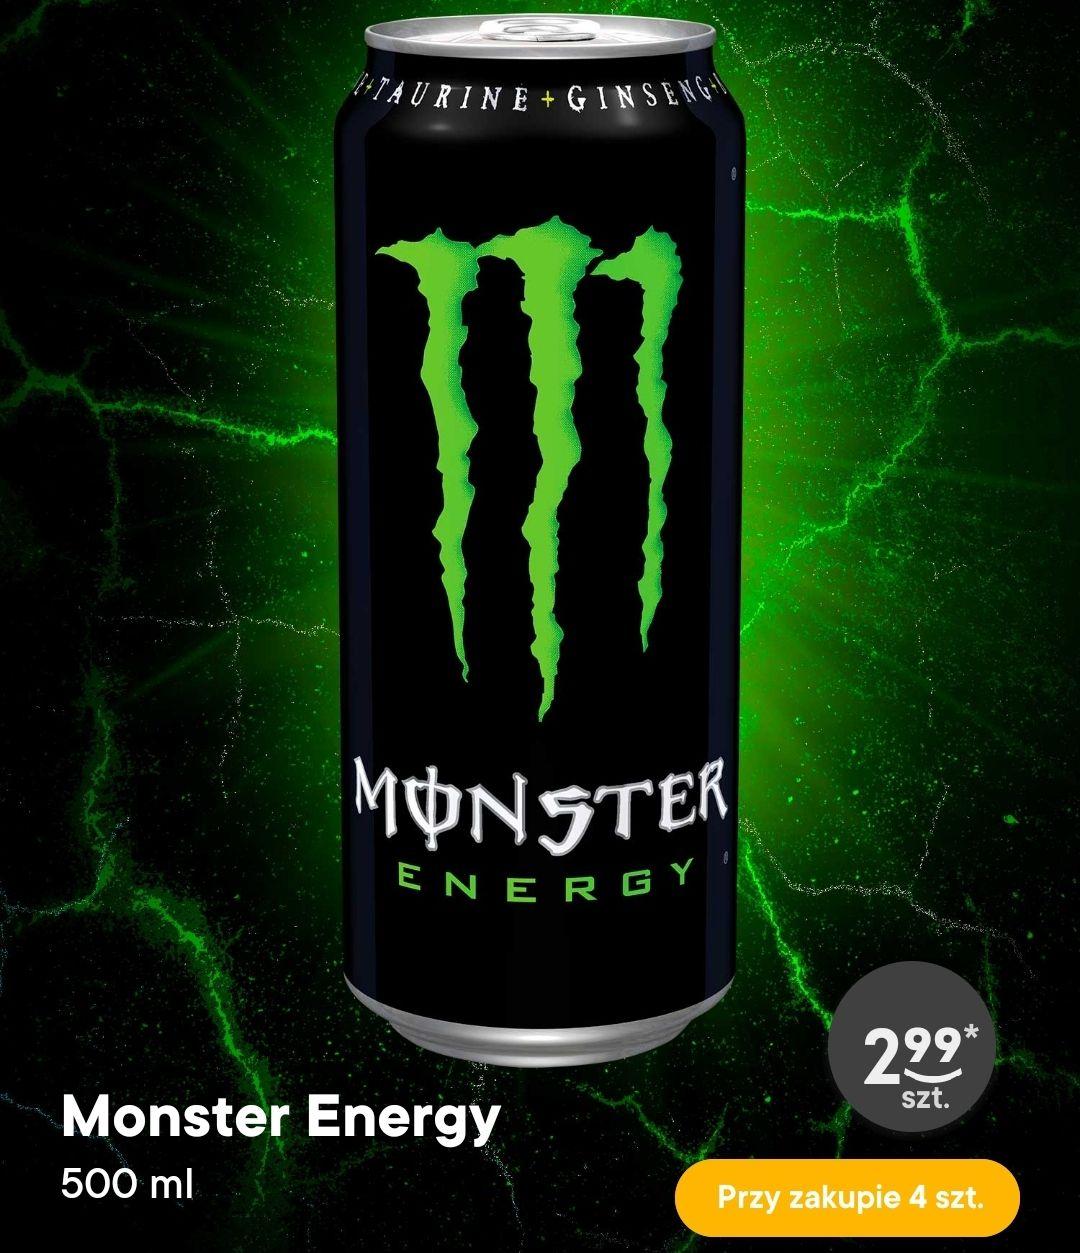 Monster Energy za 2.99zł przy zakupie 4 sztuk - Żabka